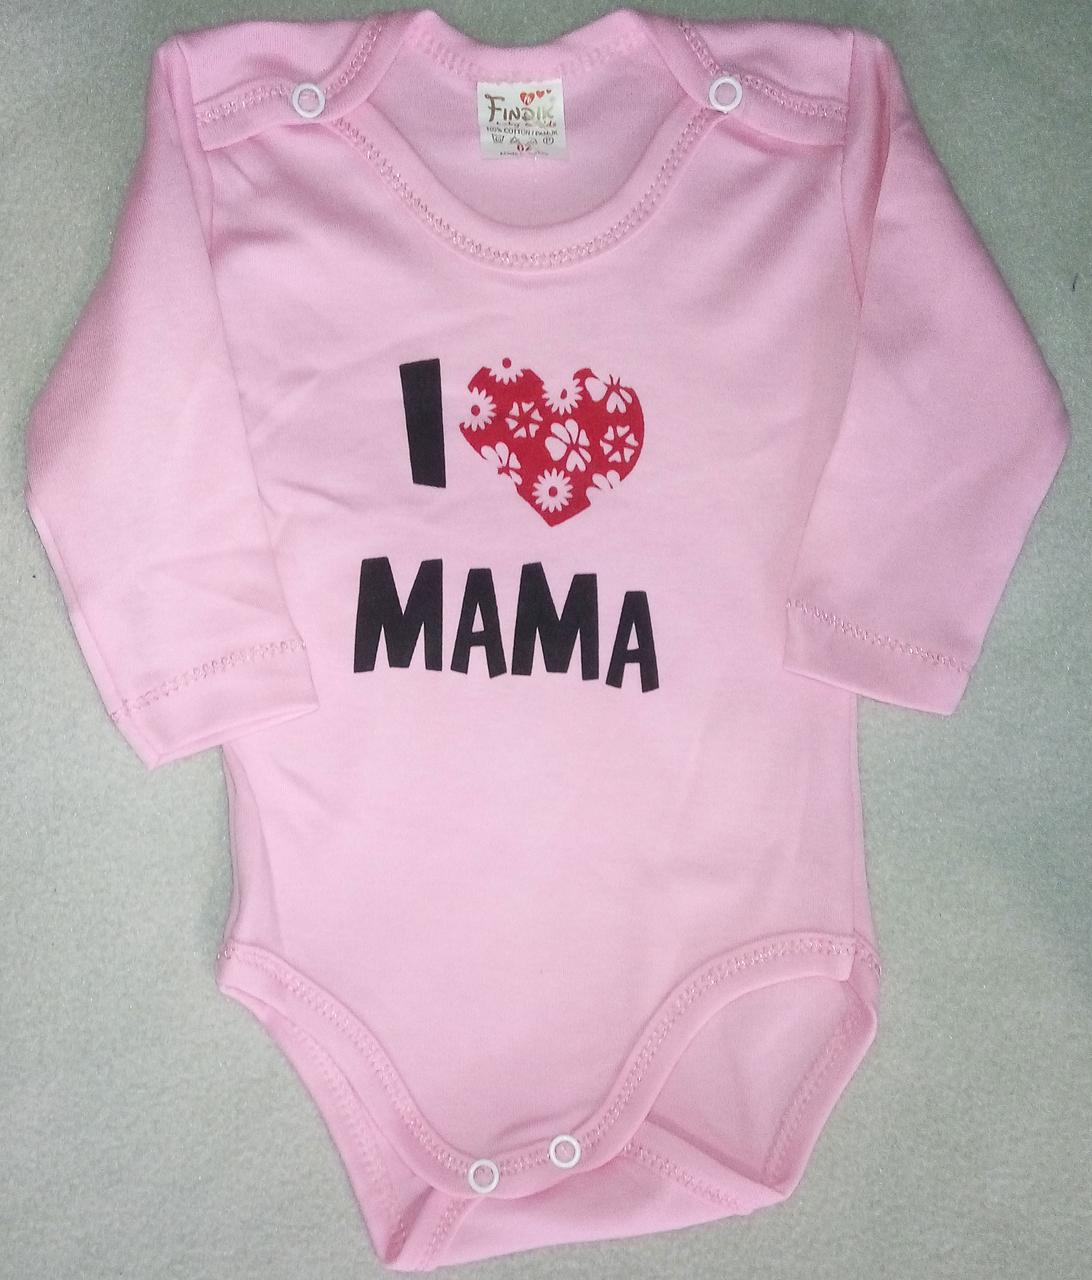 Боди для новорожденных с длинным рукавом 3-18 мес с надписью Я люблю маму